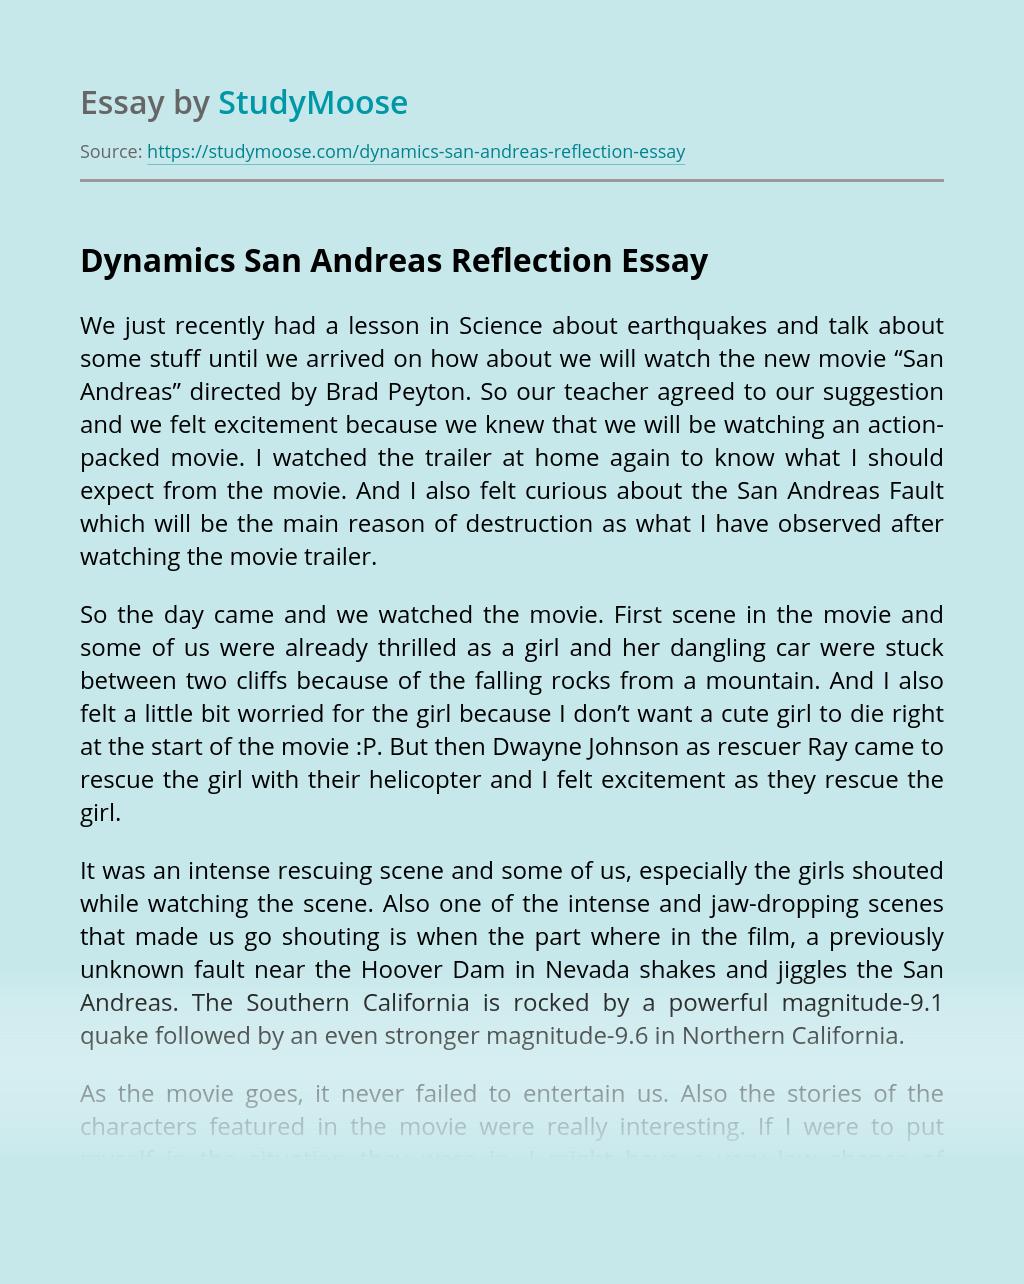 Dynamics San Andreas Reflection